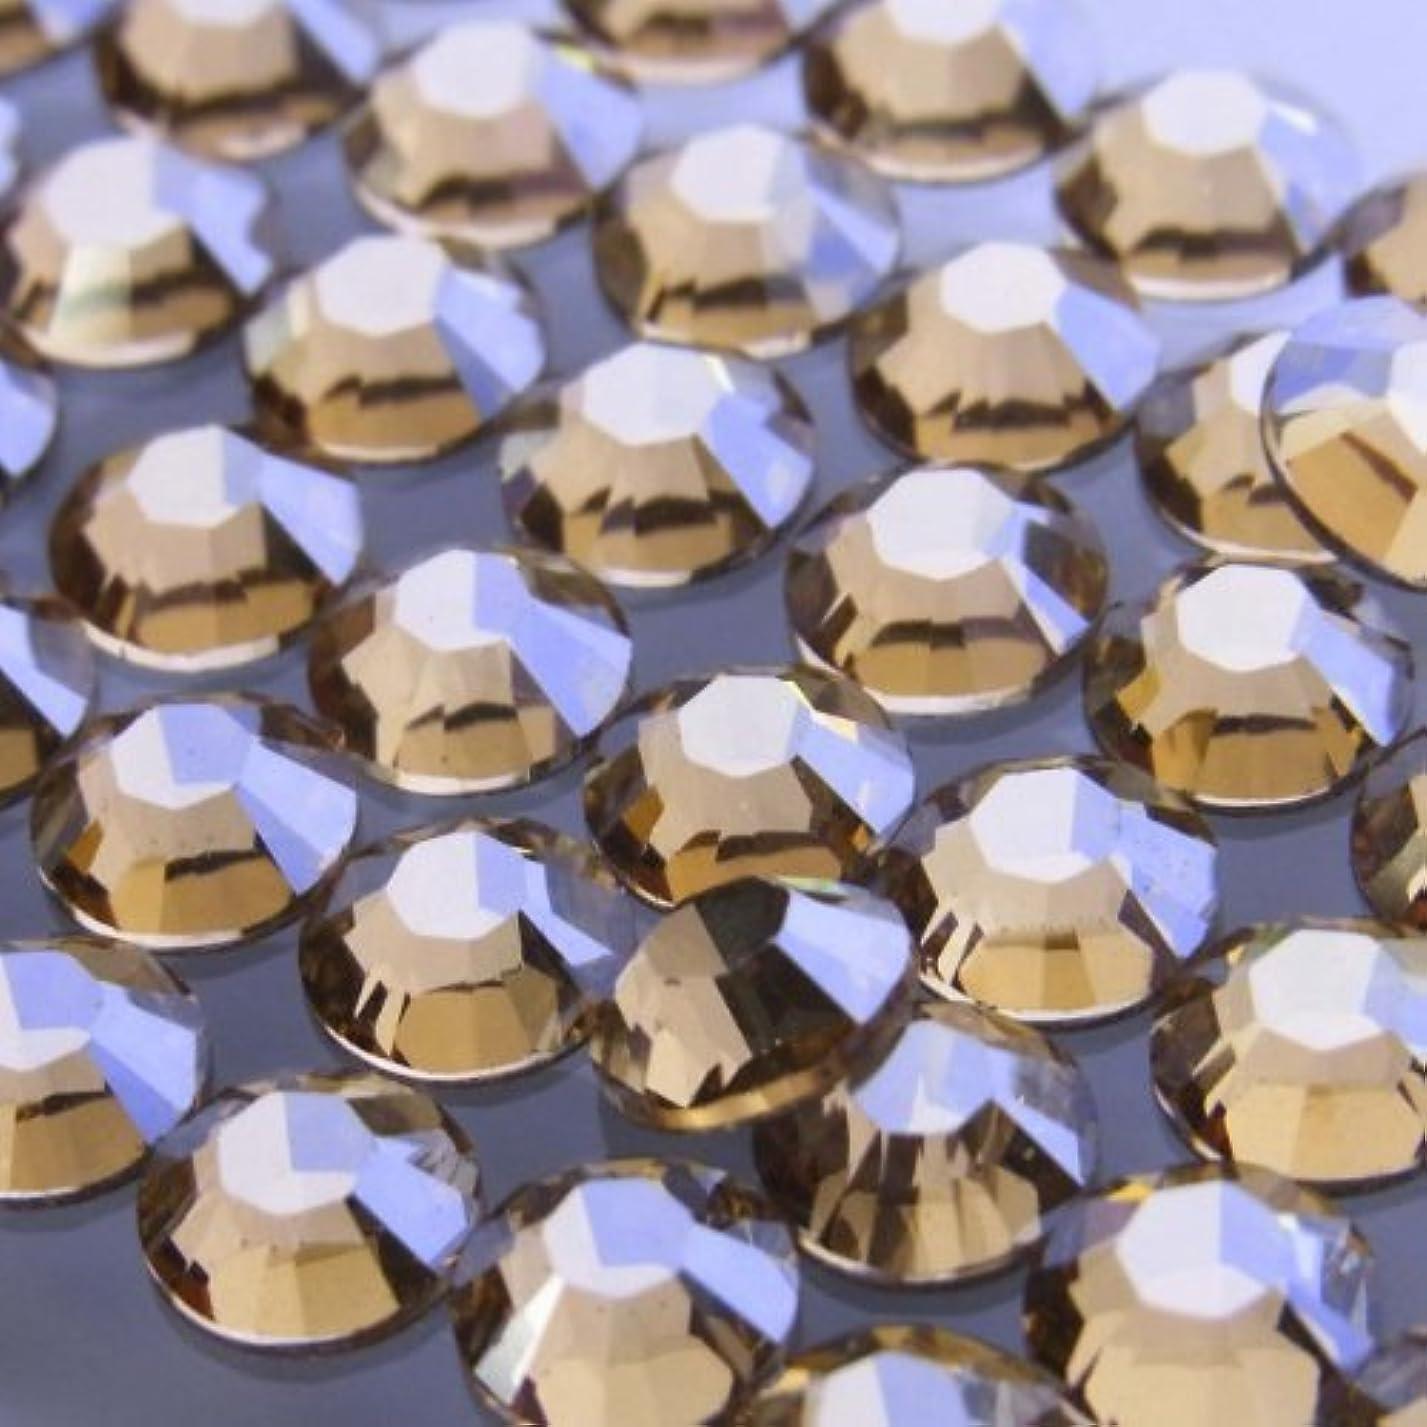 広範囲事業熟す2058クリスタルゴールデンシャドウss7(100粒入り)スワロフスキーラインストーン(nohotfix)